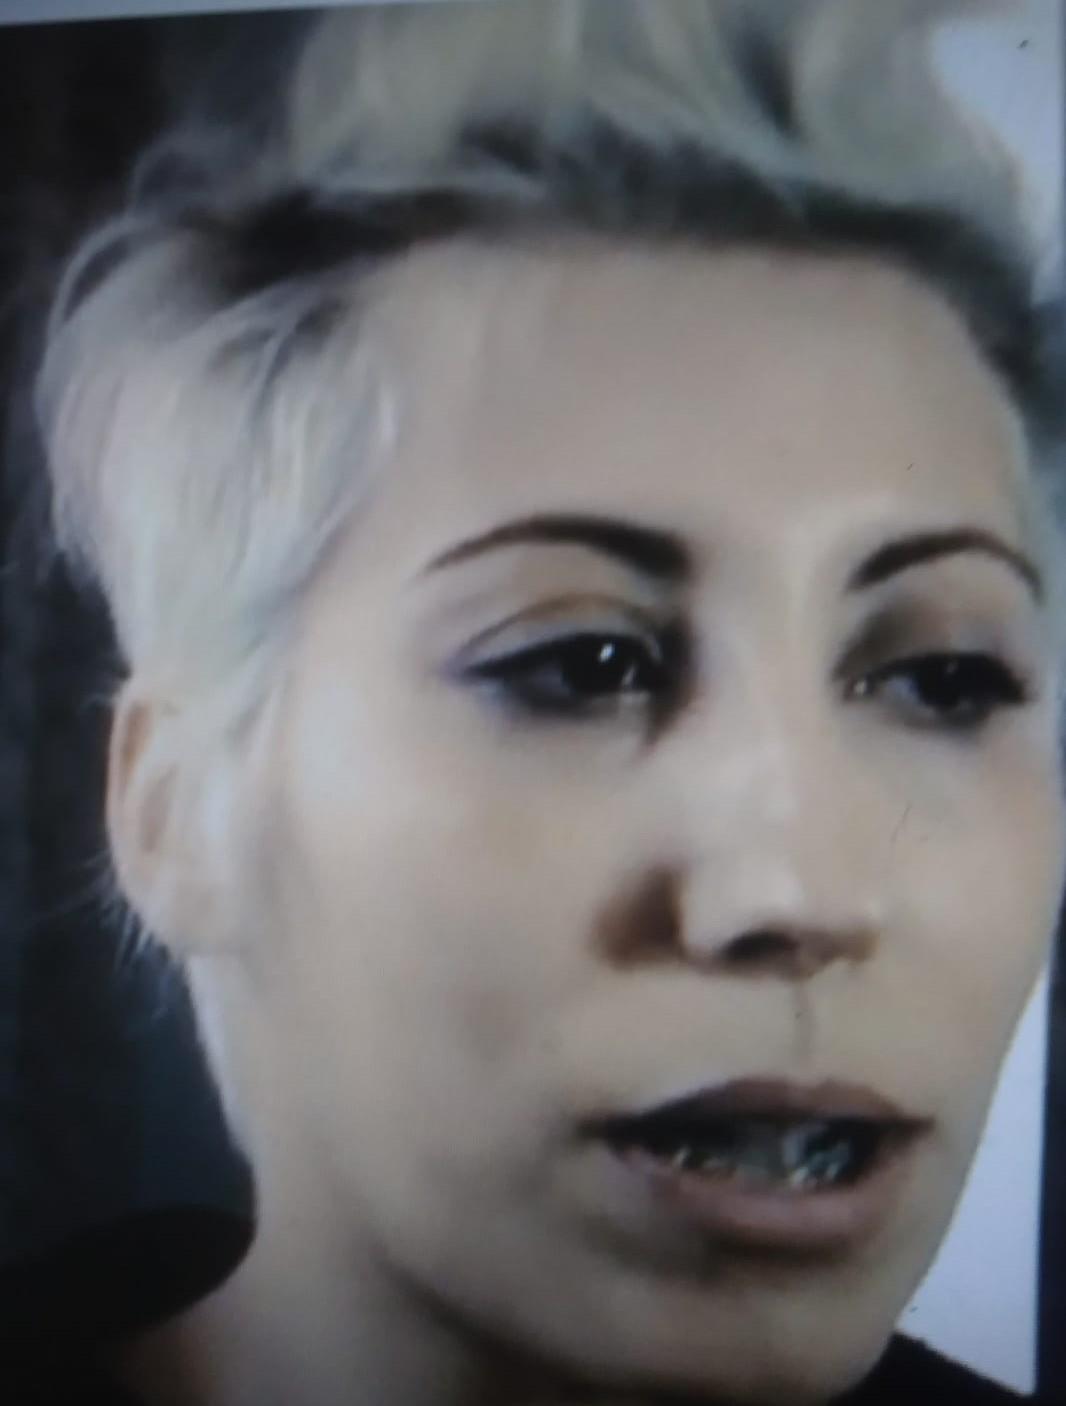 nella foto a colori si vede il volto in primo piano della cantante Malika Ayane con i capelli corti mossi di colore biondo e nero